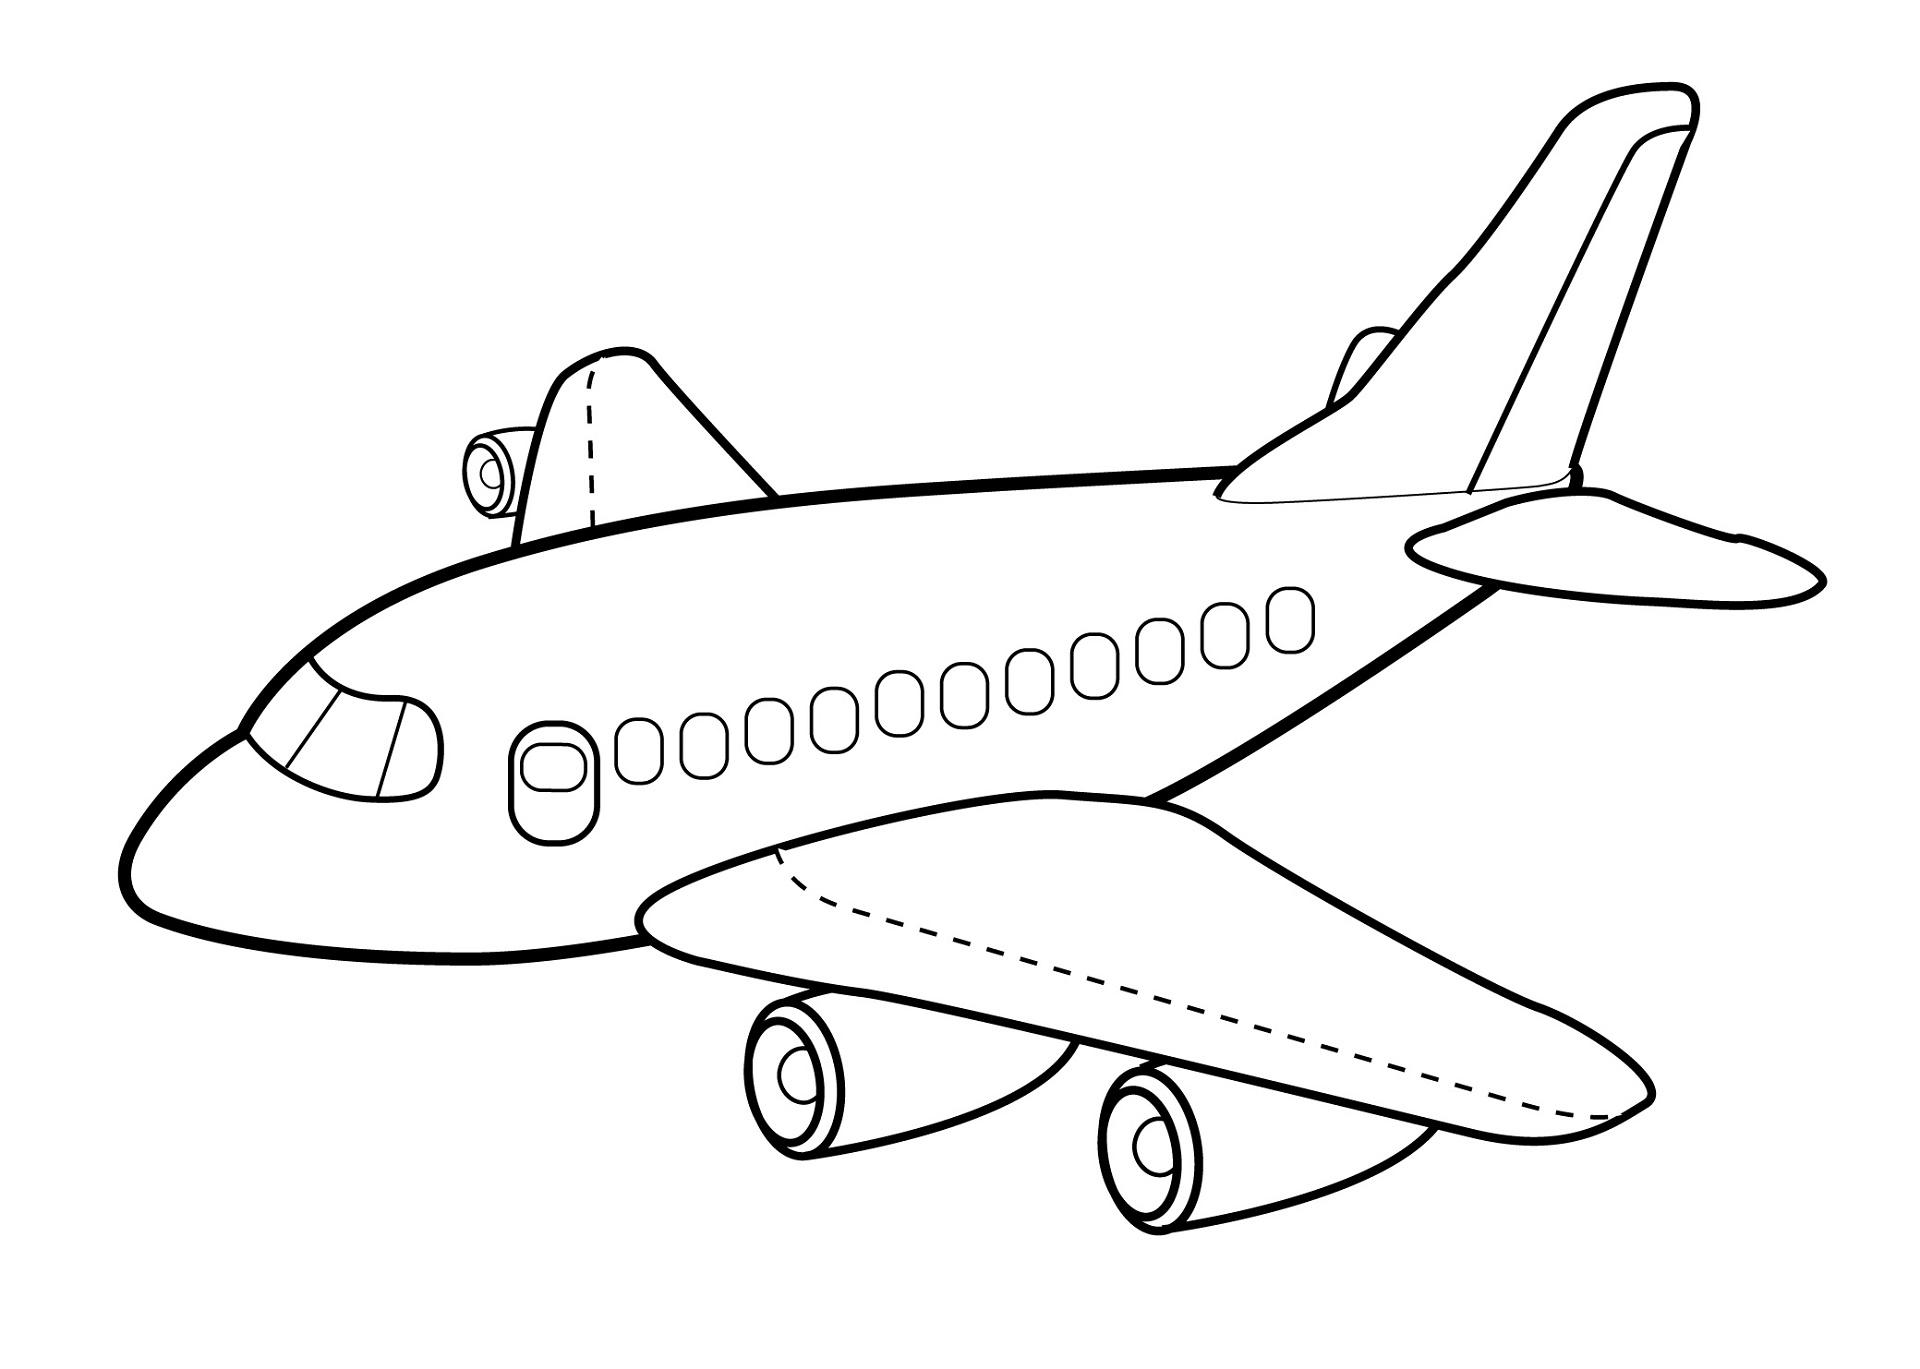 Imagenes Para Colorear Caricaturas: Dibujos De Aviones Para Colorear E Imprimir Gratis